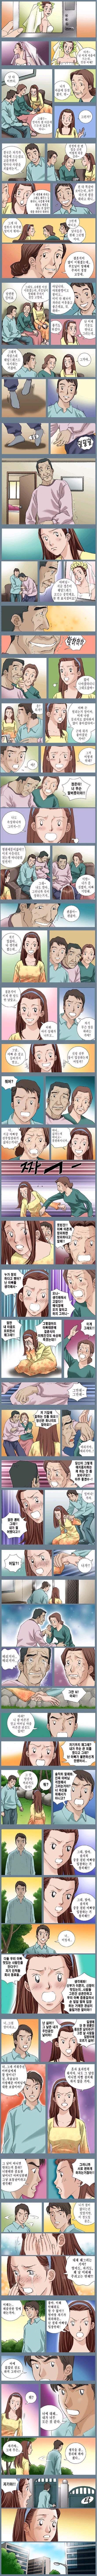 무개념_여자_결혼하는_만화.jpg 무개념 여자와 결혼 할뻔한 만화